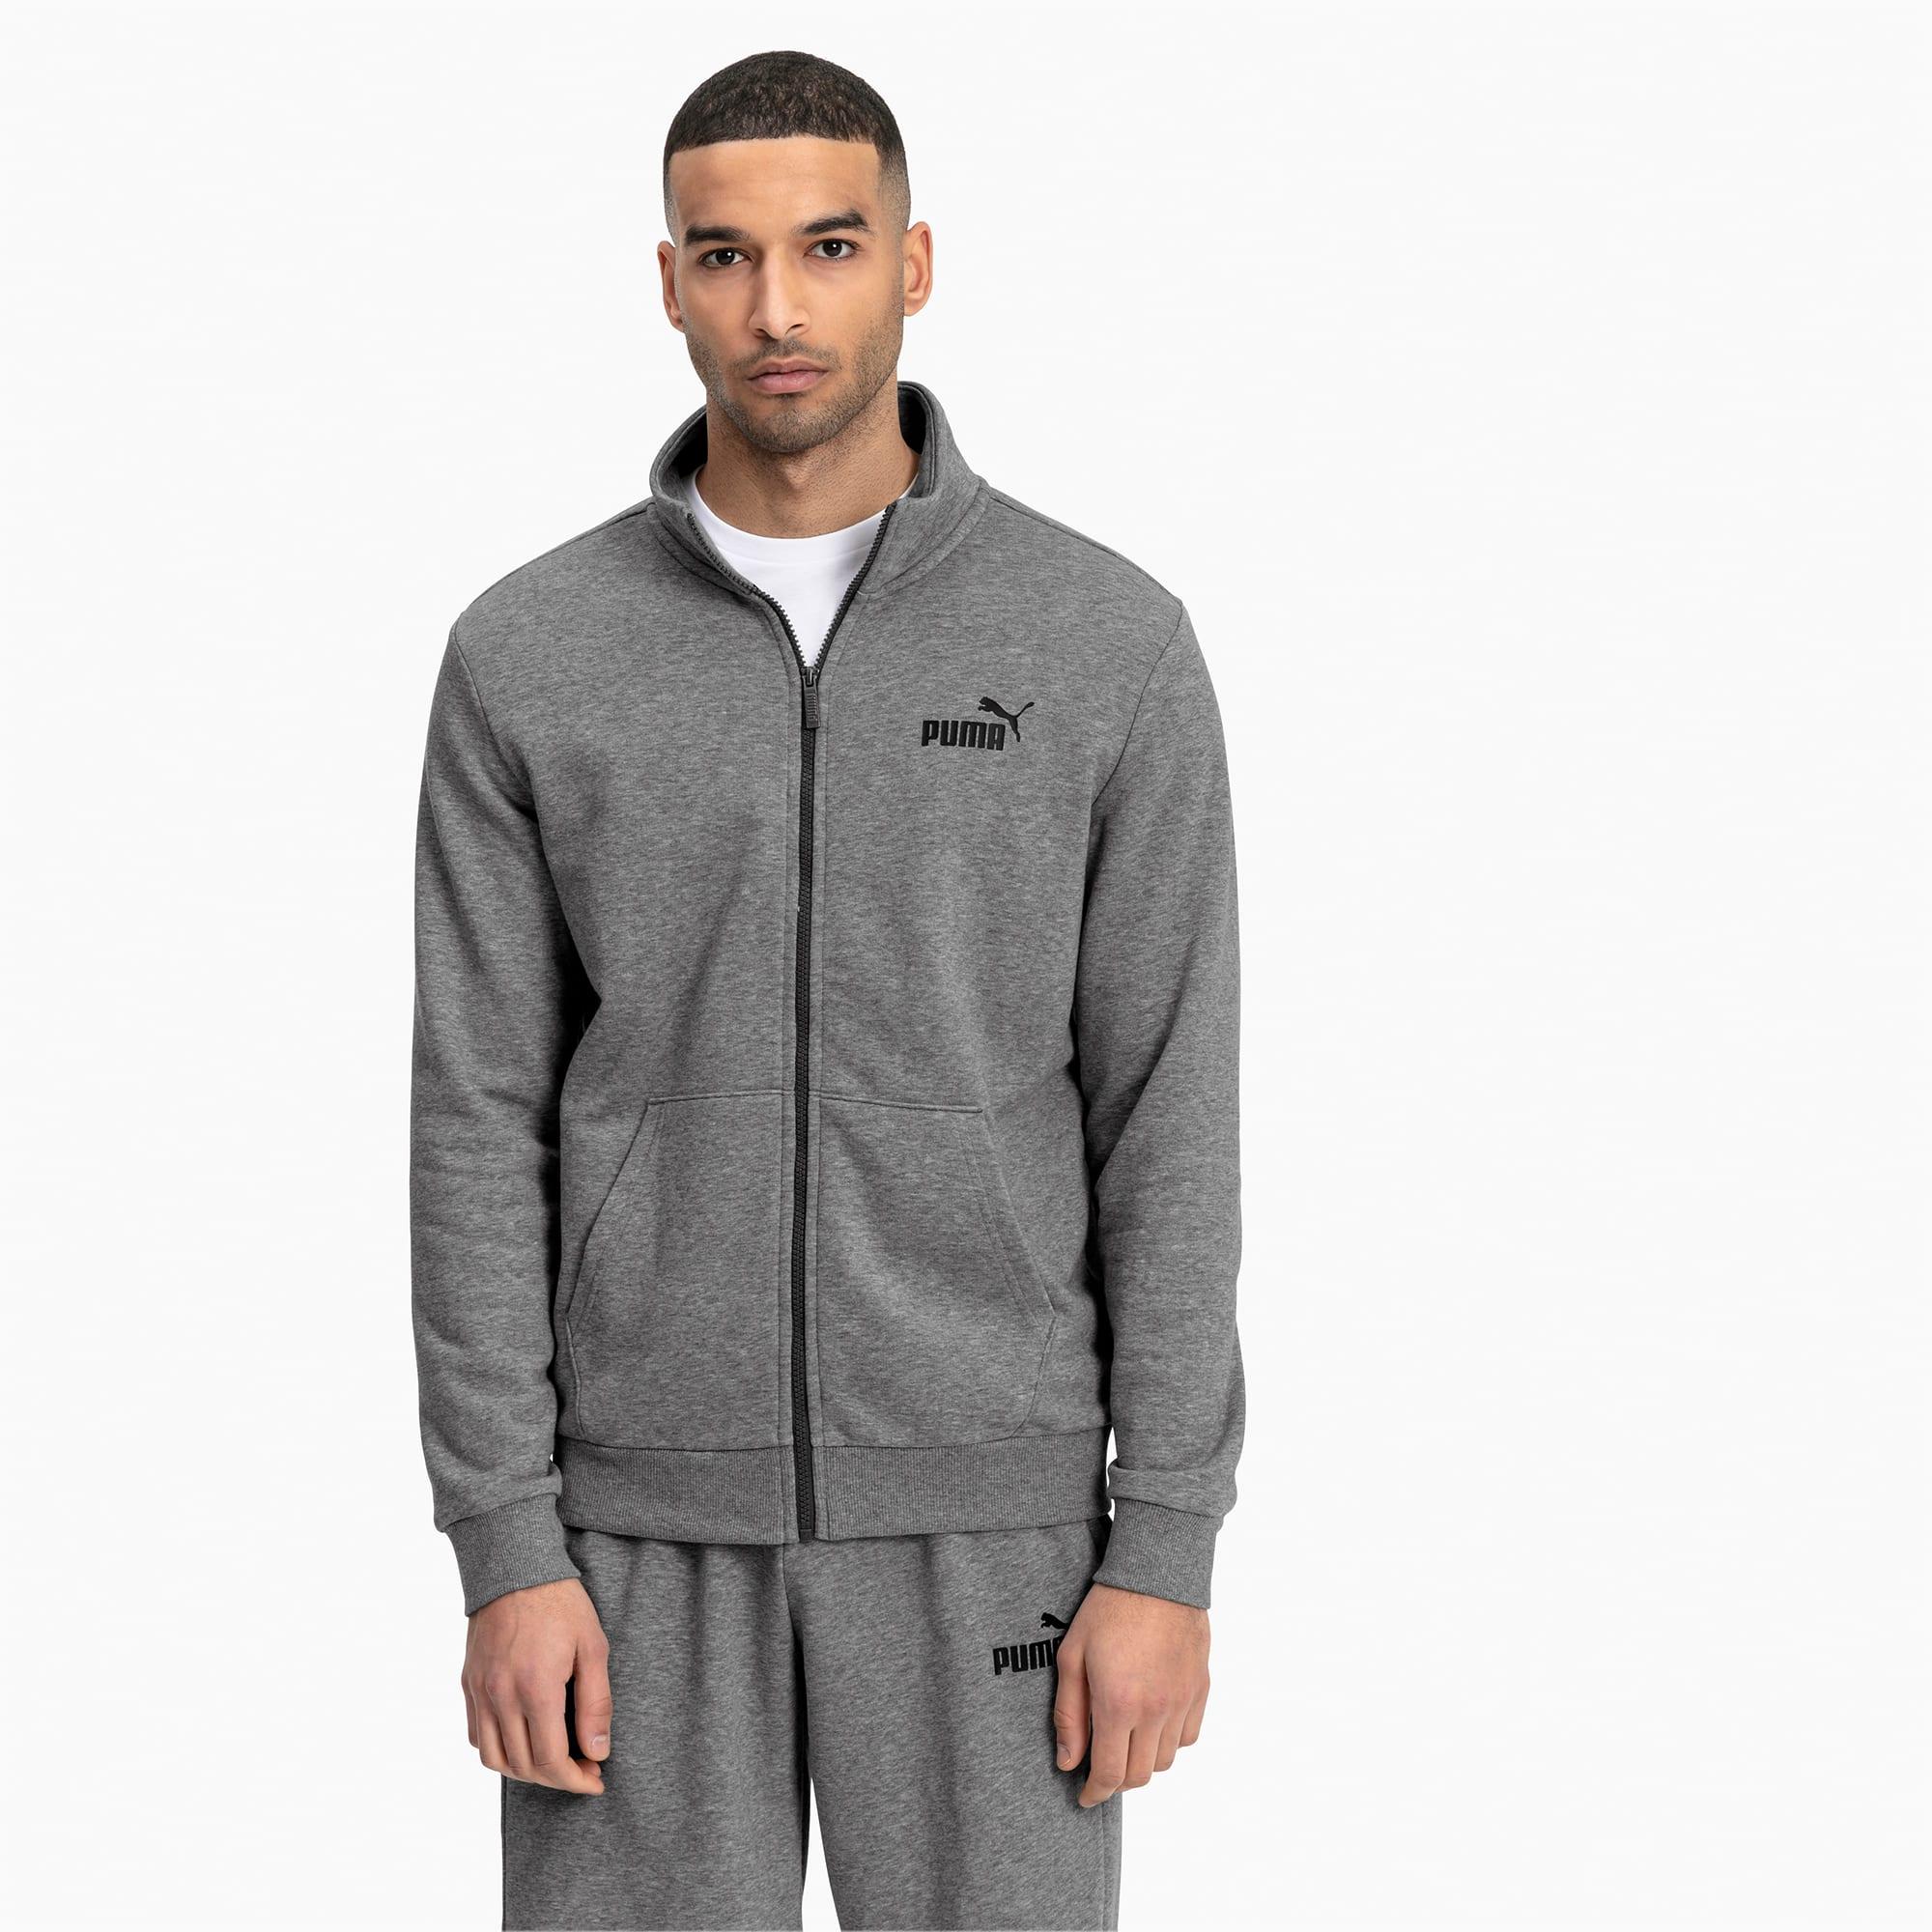 blouson en sweat essentials pour homme, gris/bruyère, taille xxl, vêtements